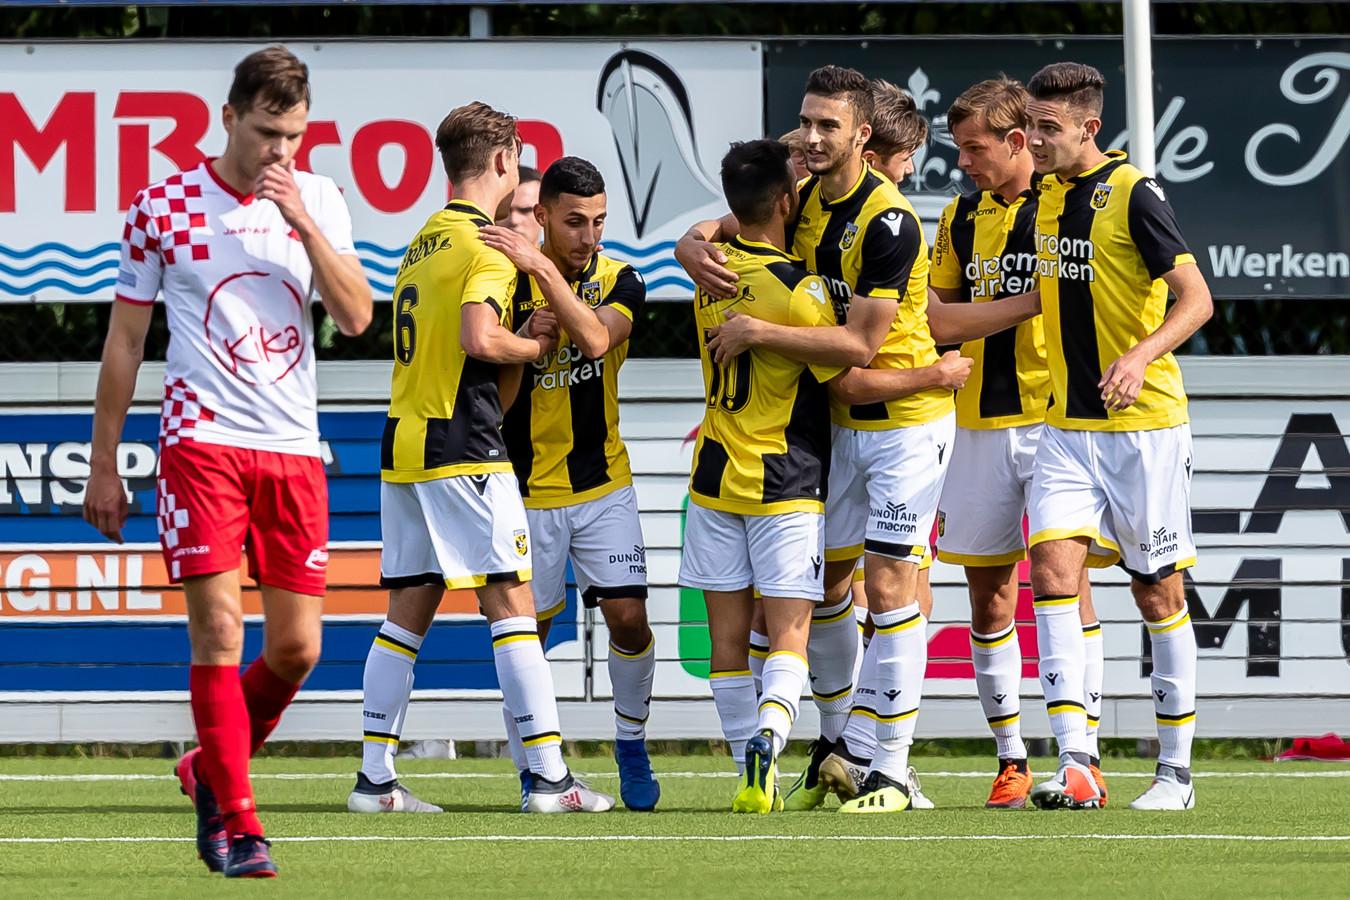 Mike de Beer wordt bejubeld na zijn 0-1 bij Kozakken Boys